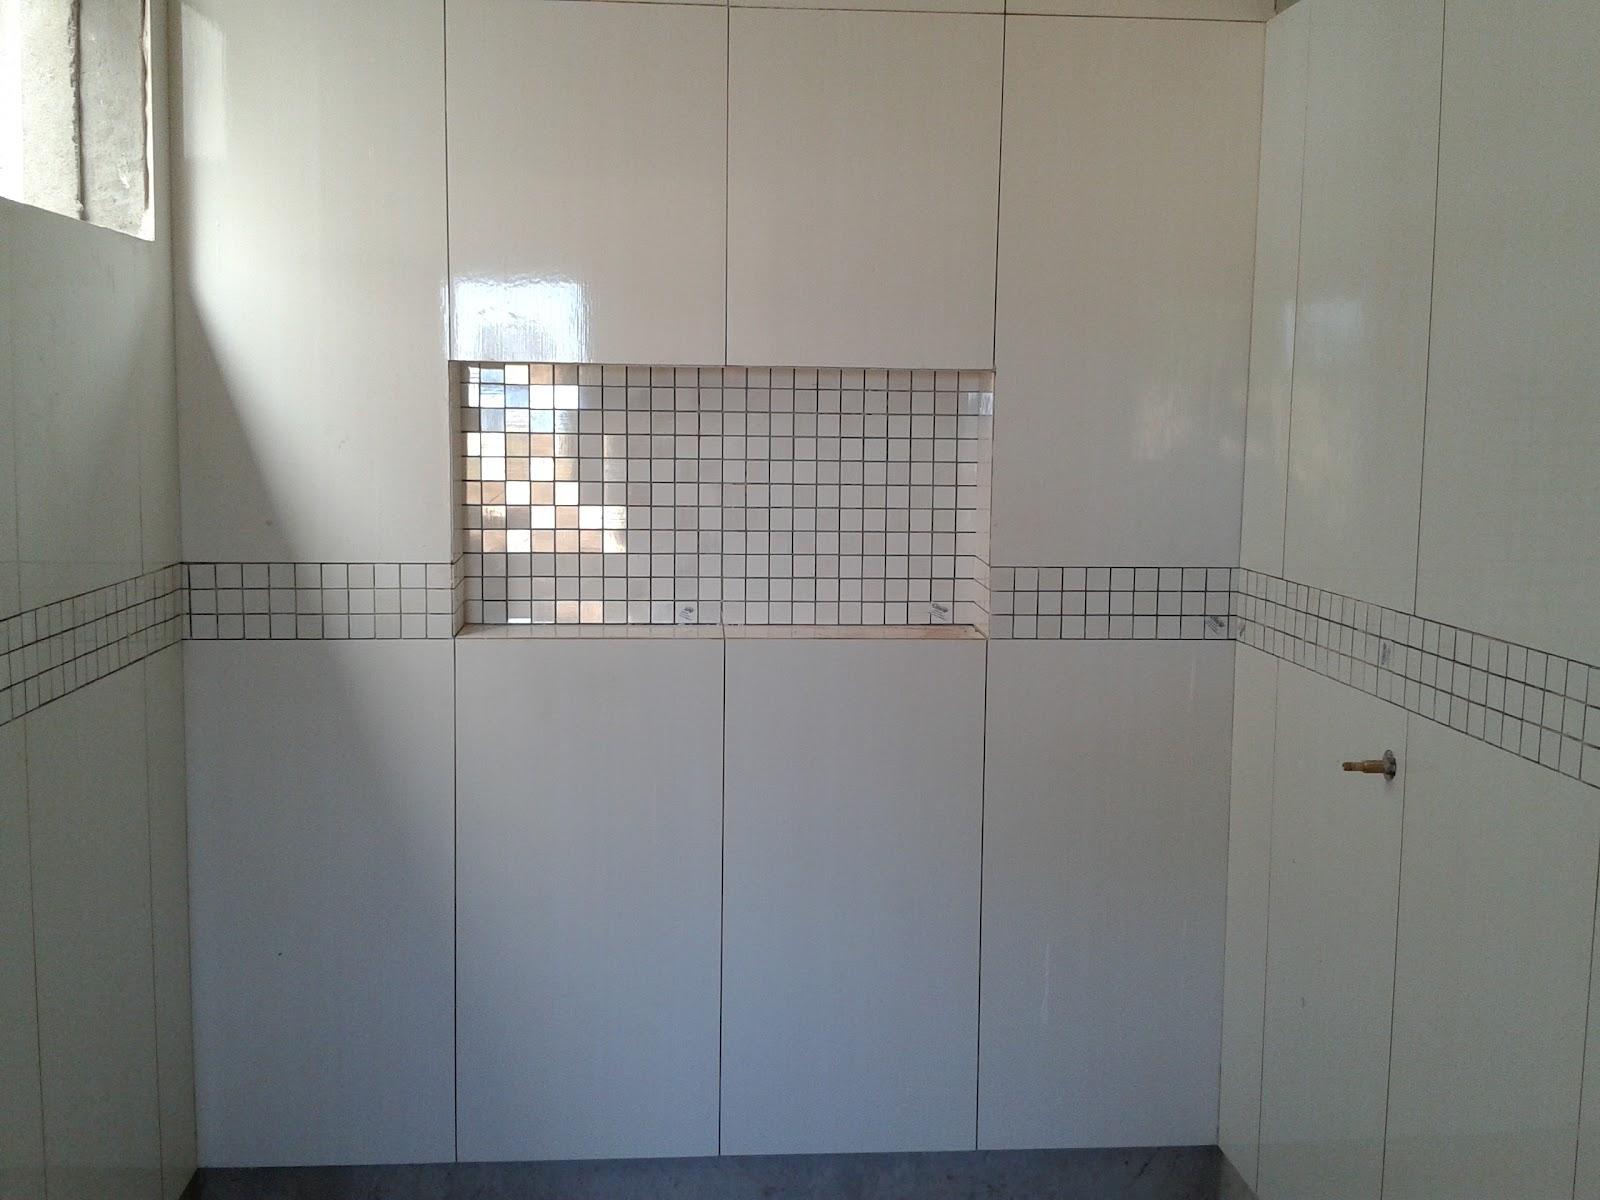 Doce Lar Outubro 2012 -> Nicho Para Banheiro Pronto